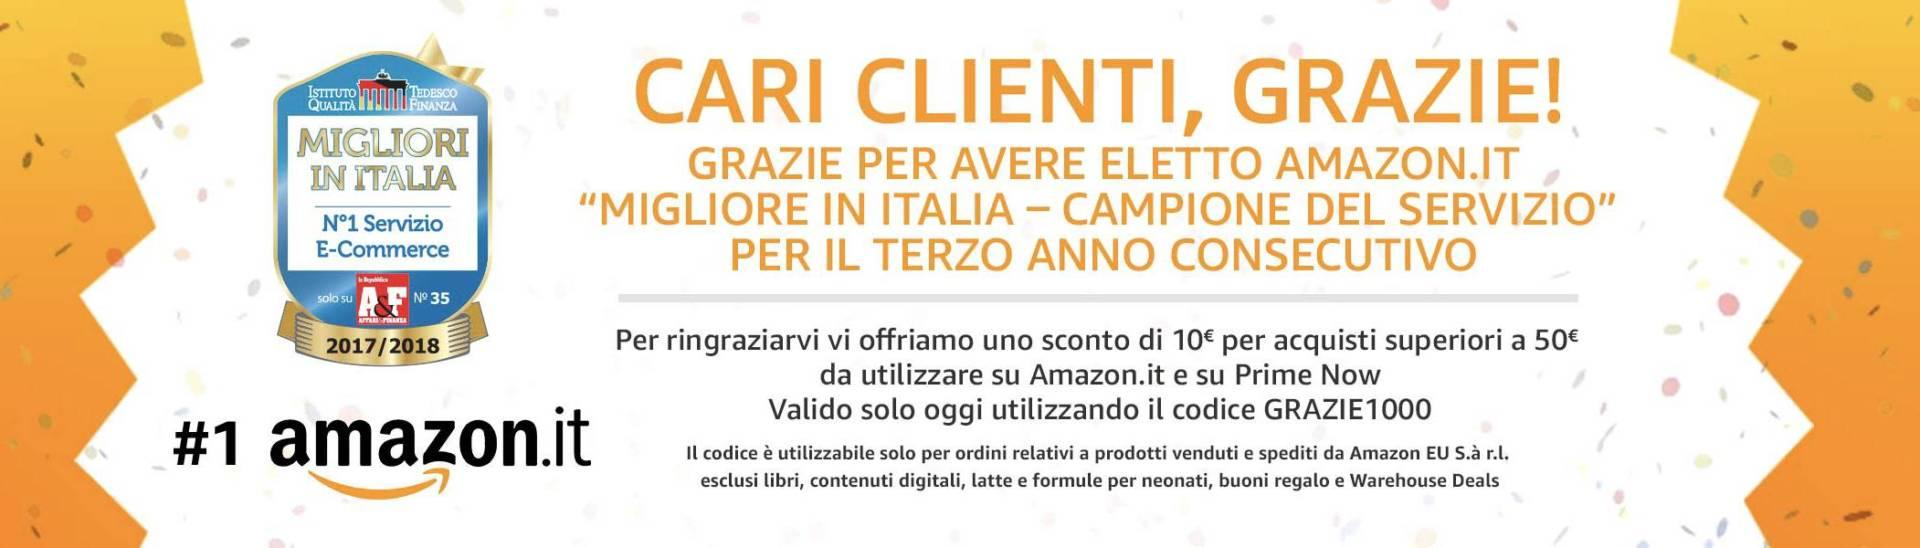 www.italiamac.it amazon it regala e10 di sconto solo per oggi www.italiamac.it amazon it regala e10 di sconto solo per oggi schermata 2017 11 10 alle 09.01.28 Amazon.it regala €10 di sconto solo per oggi